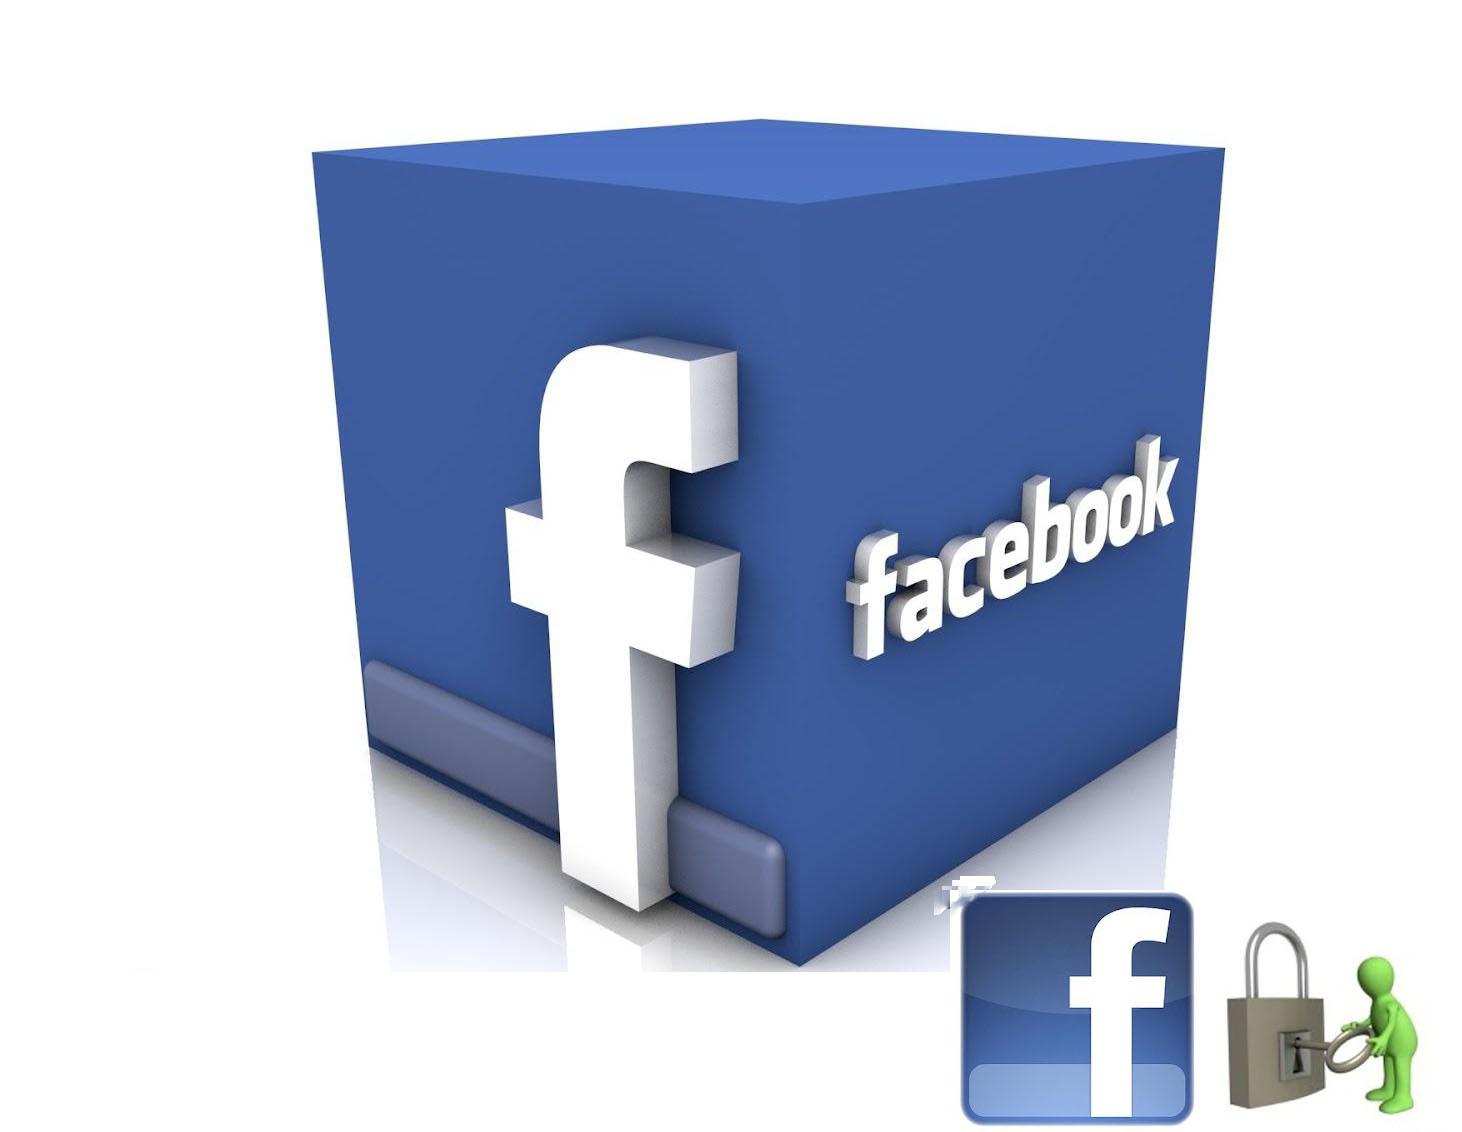 فیلترینگ فیسبوک لغو میشود